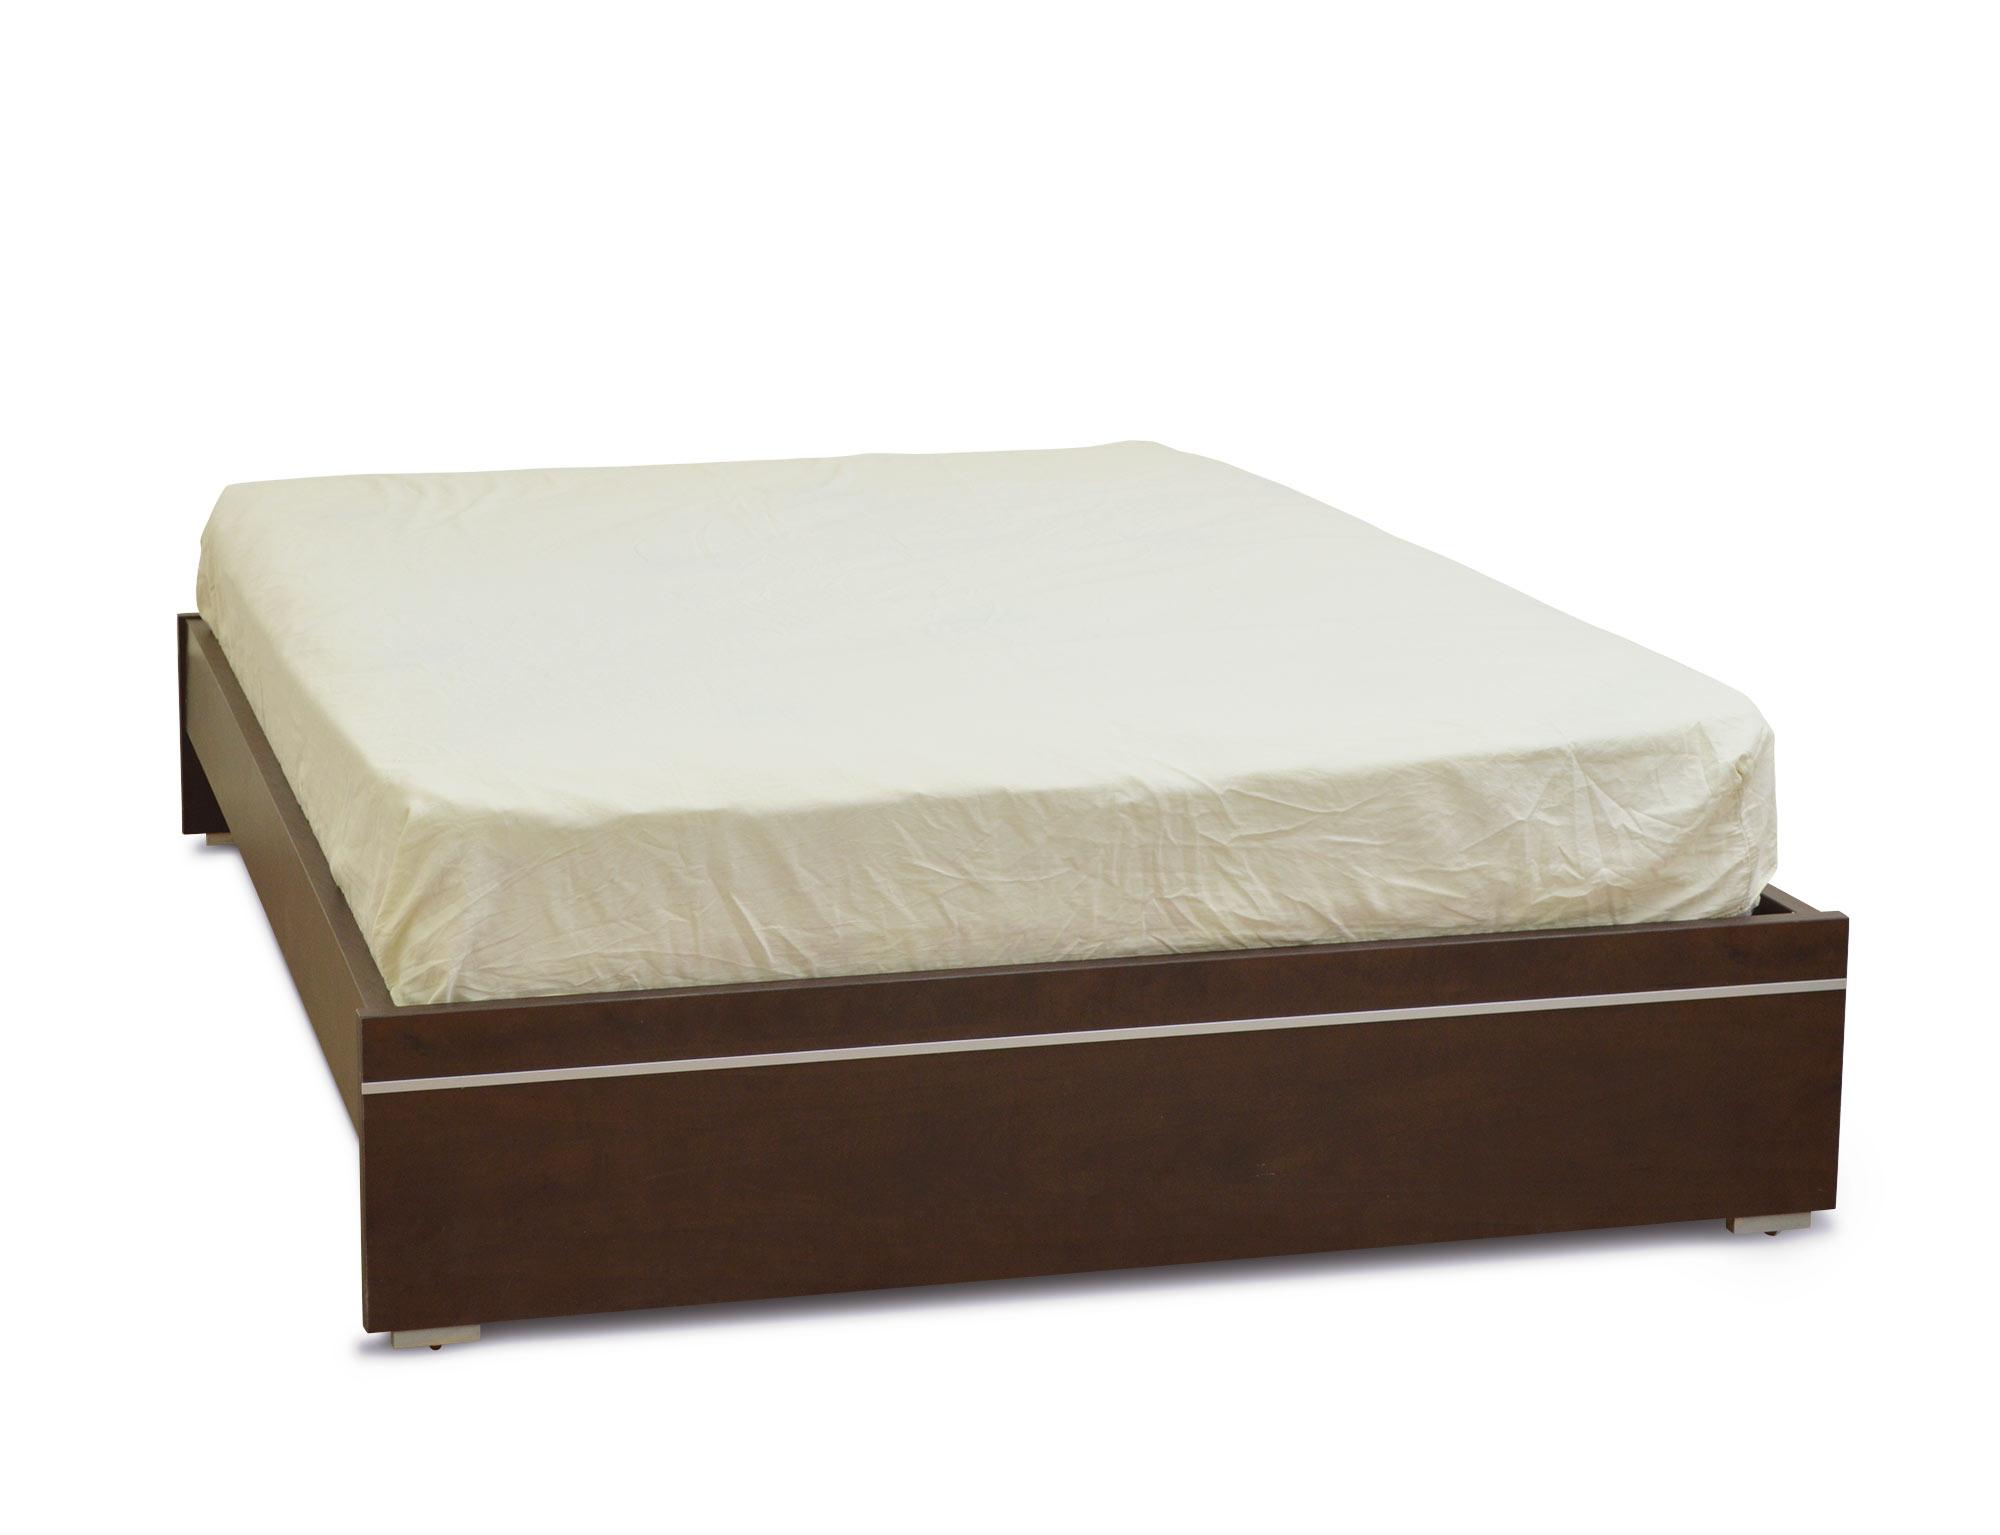 מיטה זוגית במבצע דגם אמיר